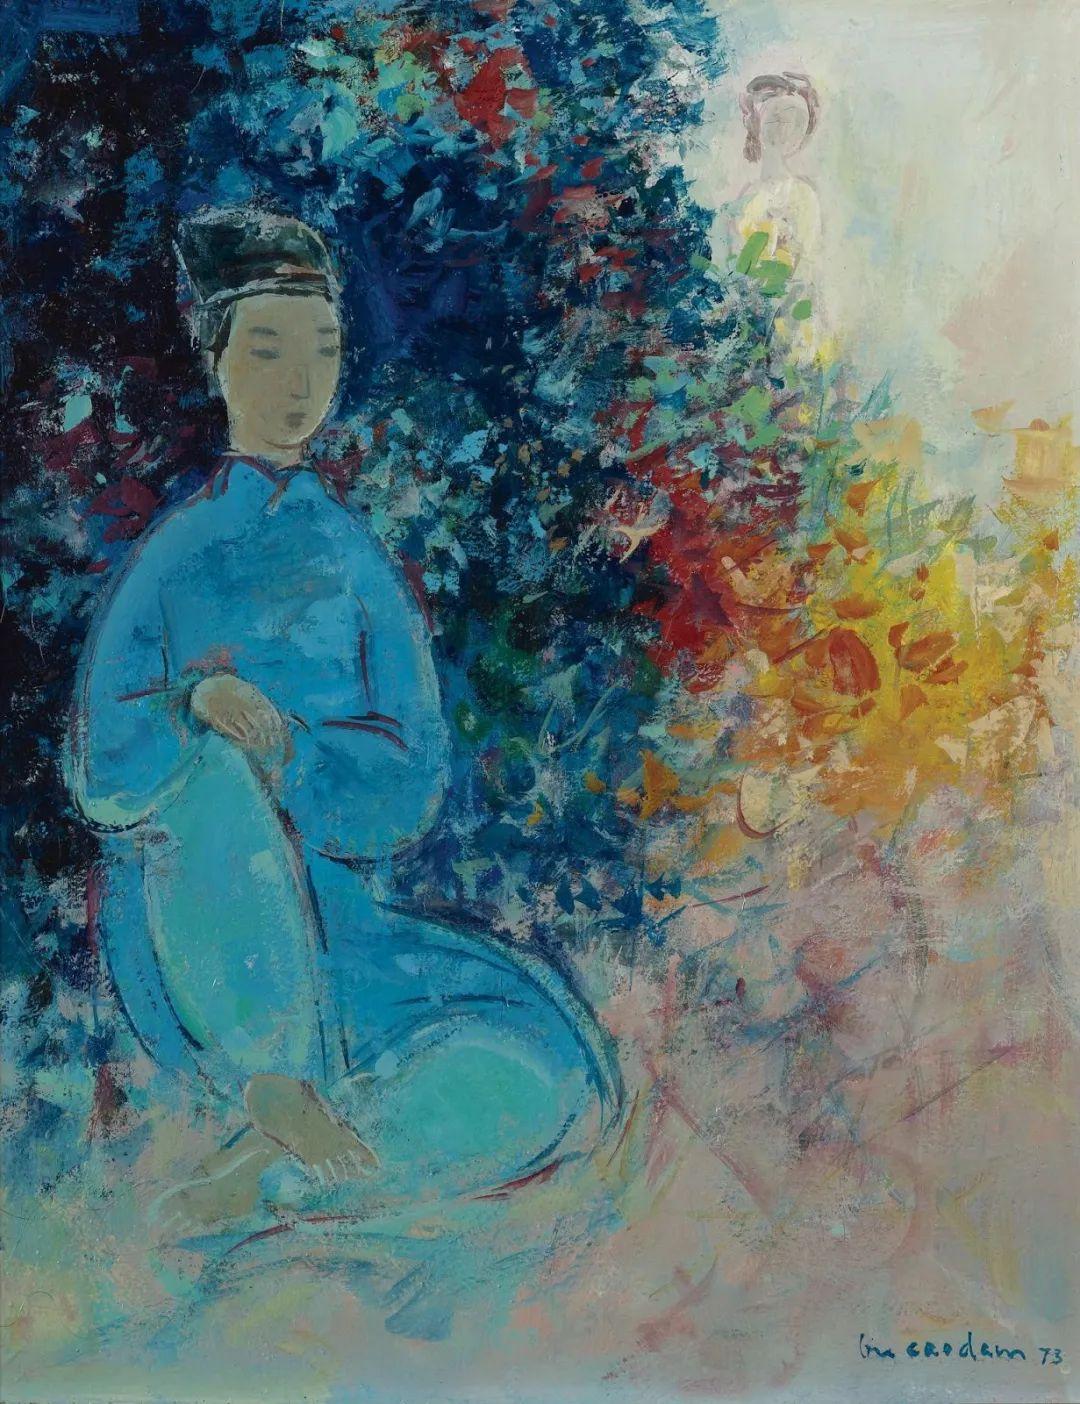 壁画风格绘画,色彩丰富、色调柔和!插图140